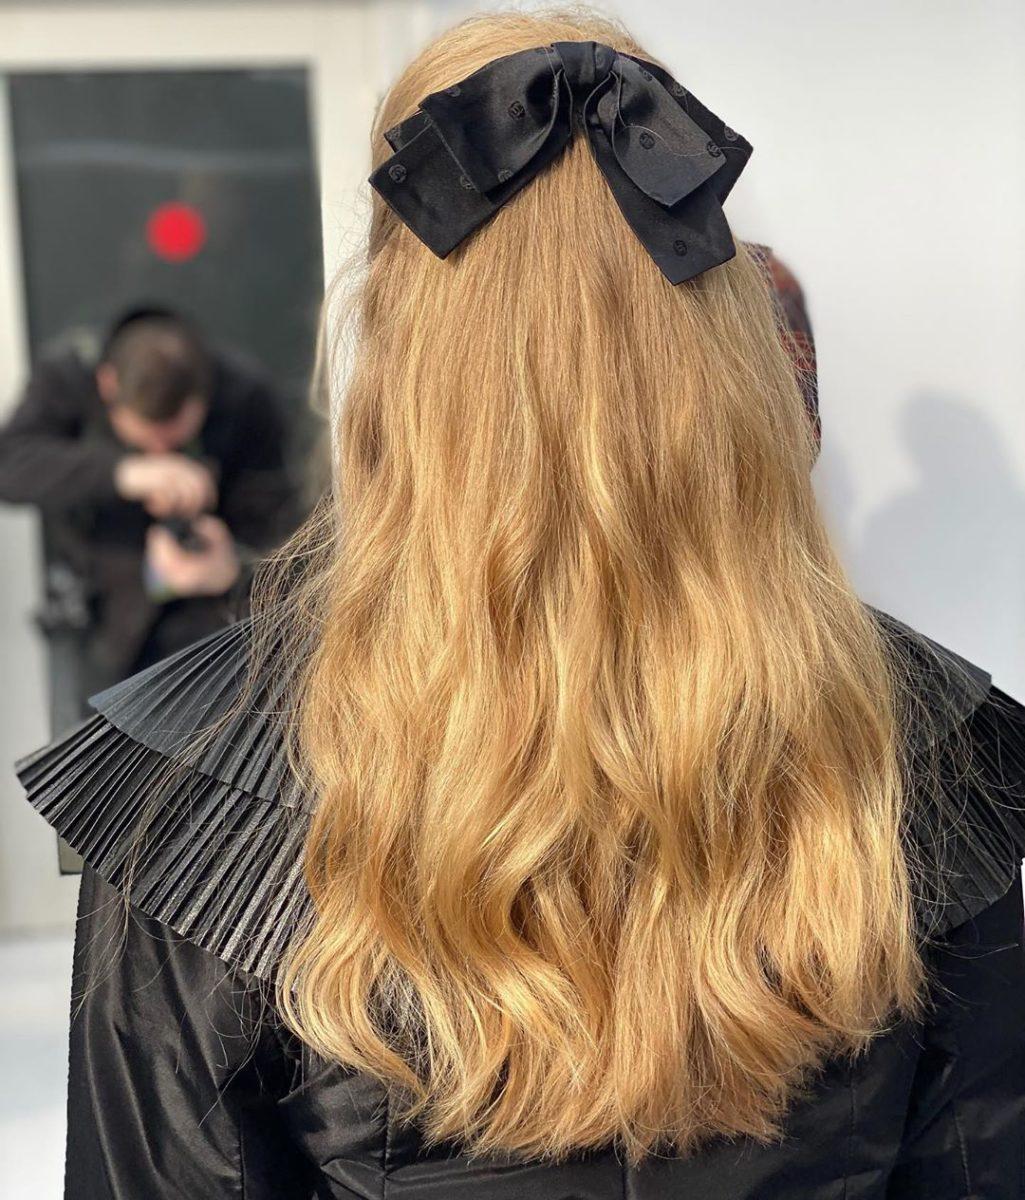 Οι φιόγκοι και τα μισά πιασμένα μαλλιά επέστρεψαν. Πάρε ιδέες! | tlife.gr